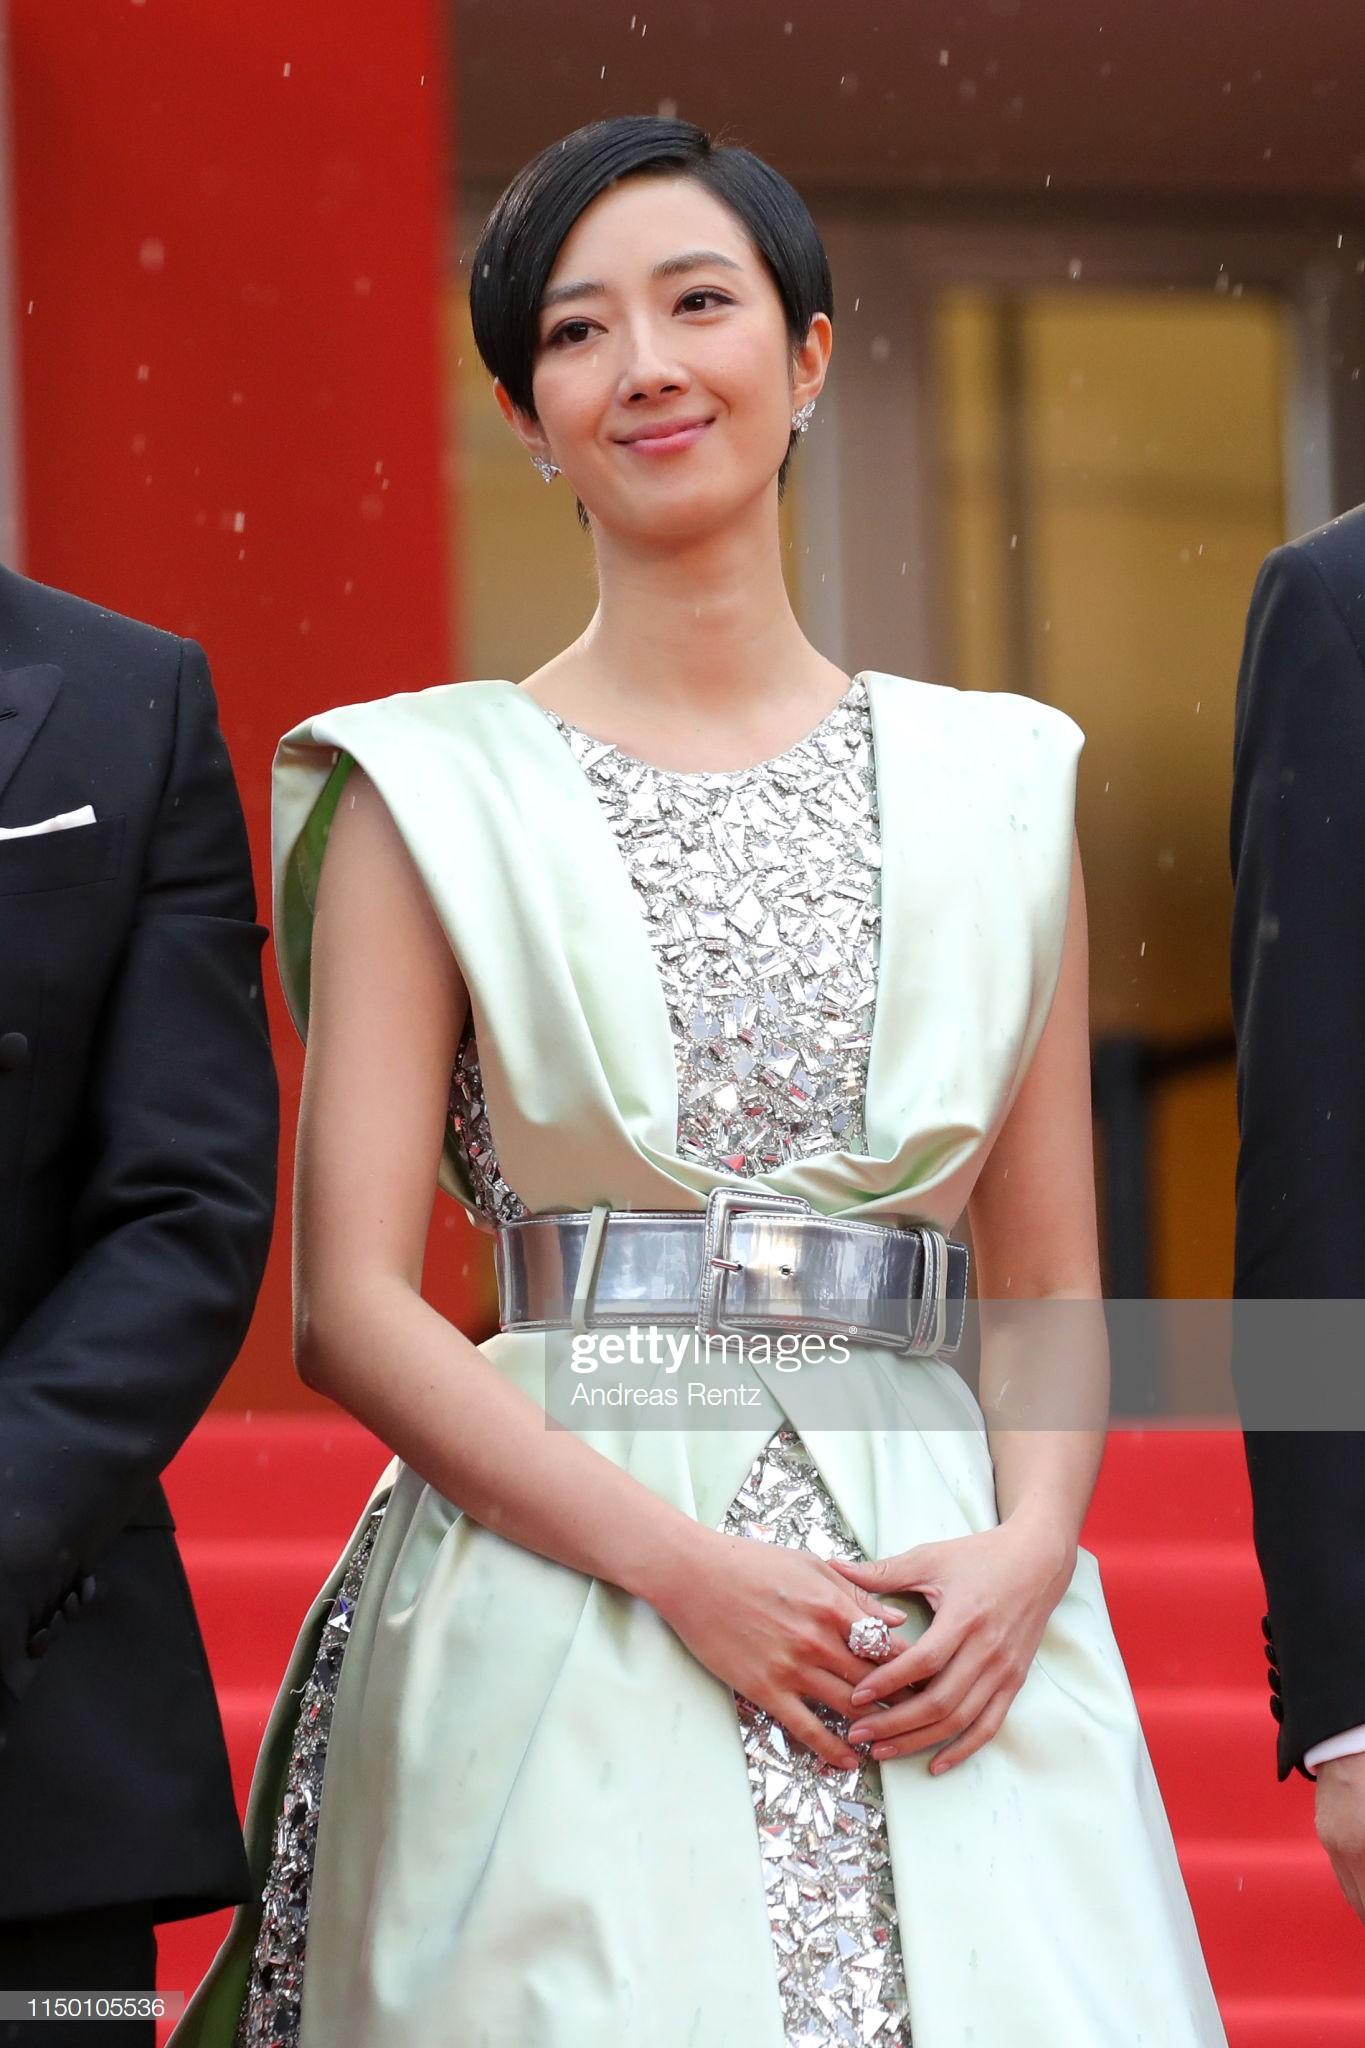 Thảm đỏ Cannes nhường spotlight cho Nick Jonas cung phụng Hoa hậu, Sui He gây sốc như không mặc gì - Ảnh 23.